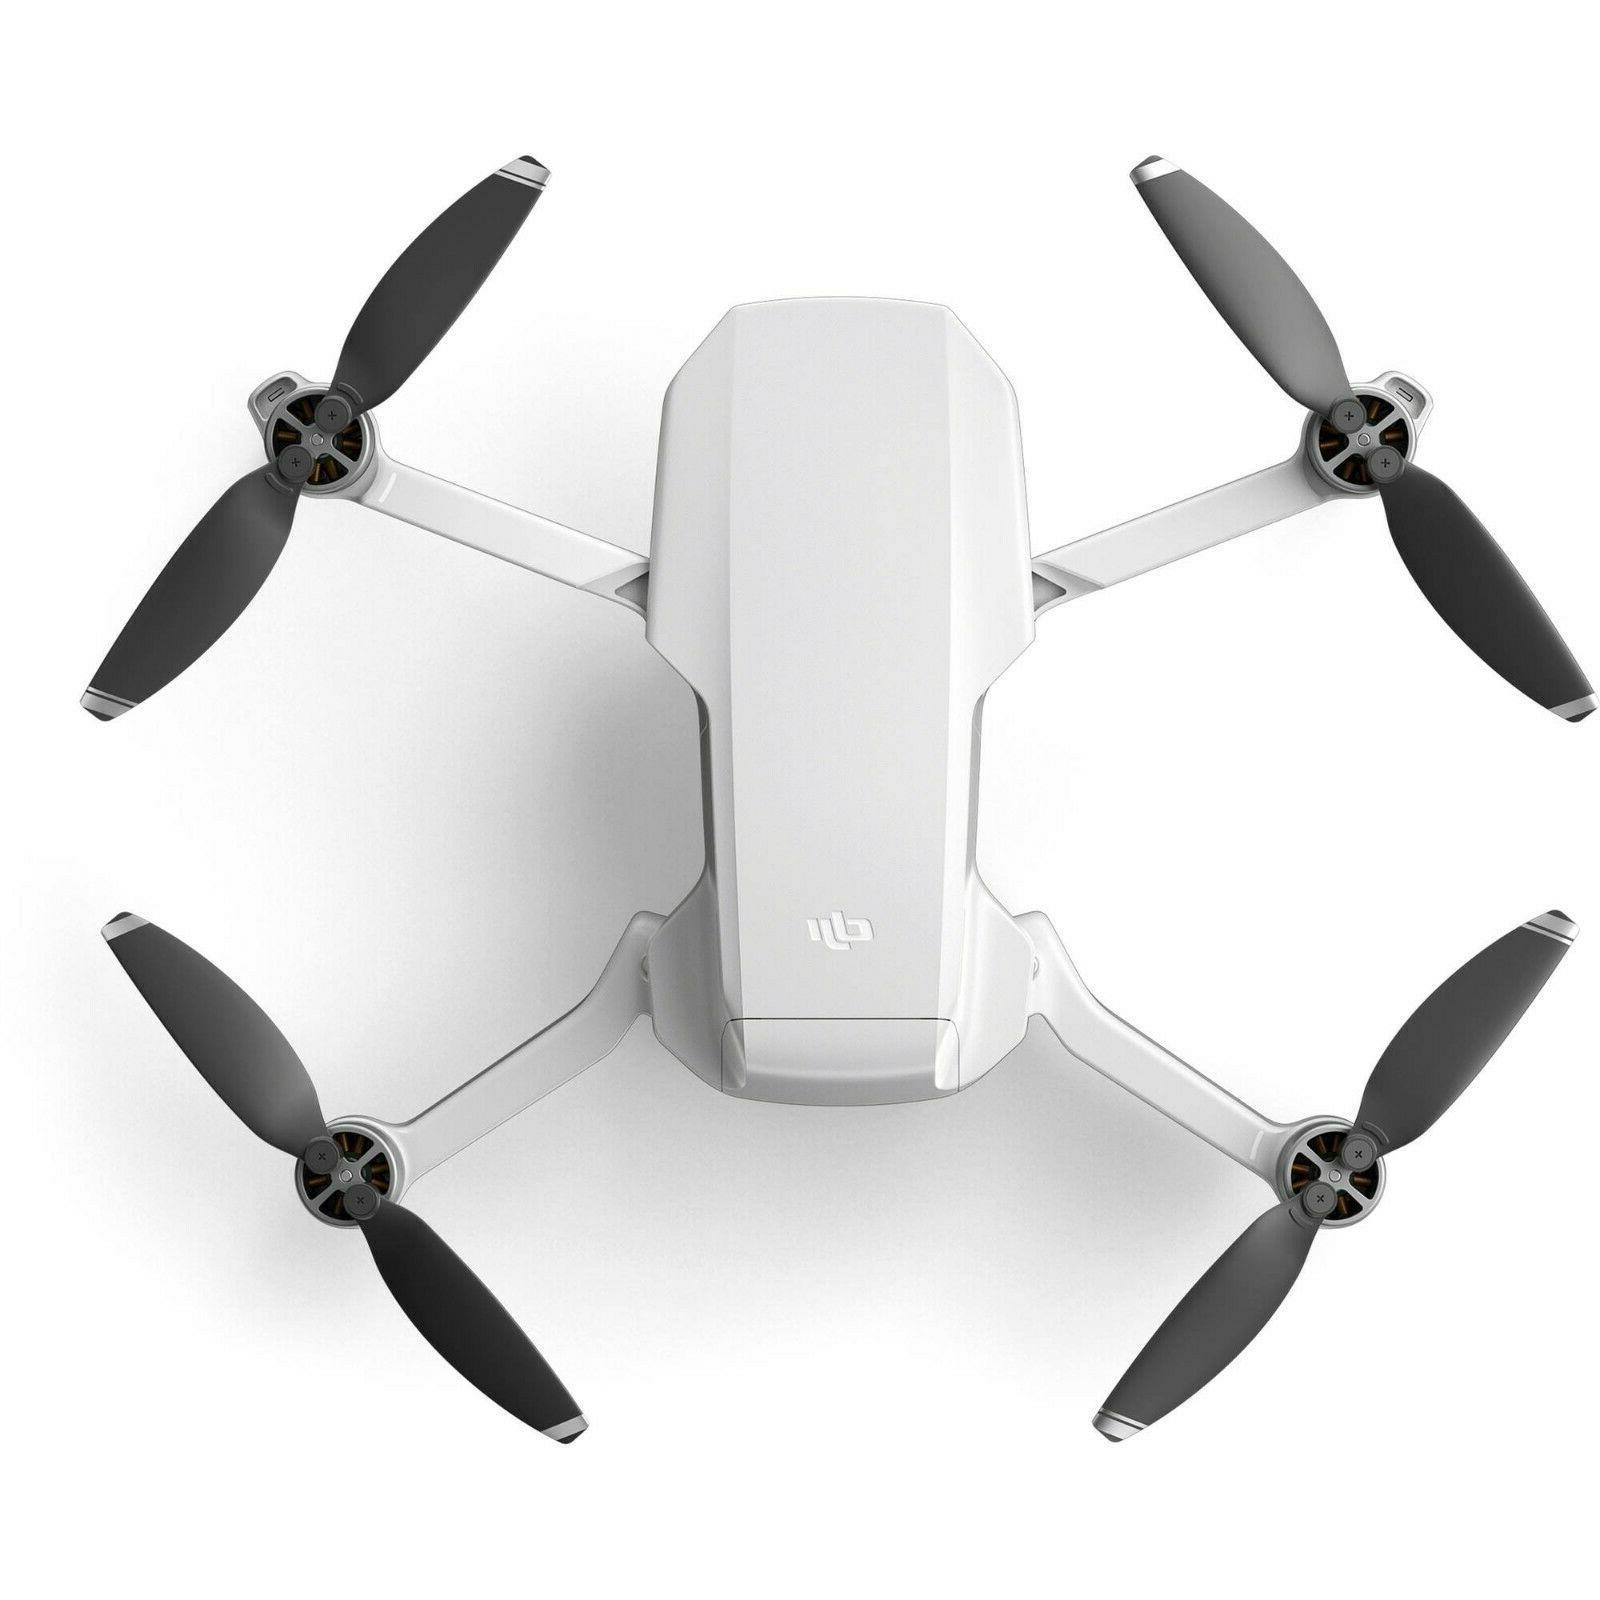 DJI Mavic Mini Portable Drone Quadcopter Pilot Kit